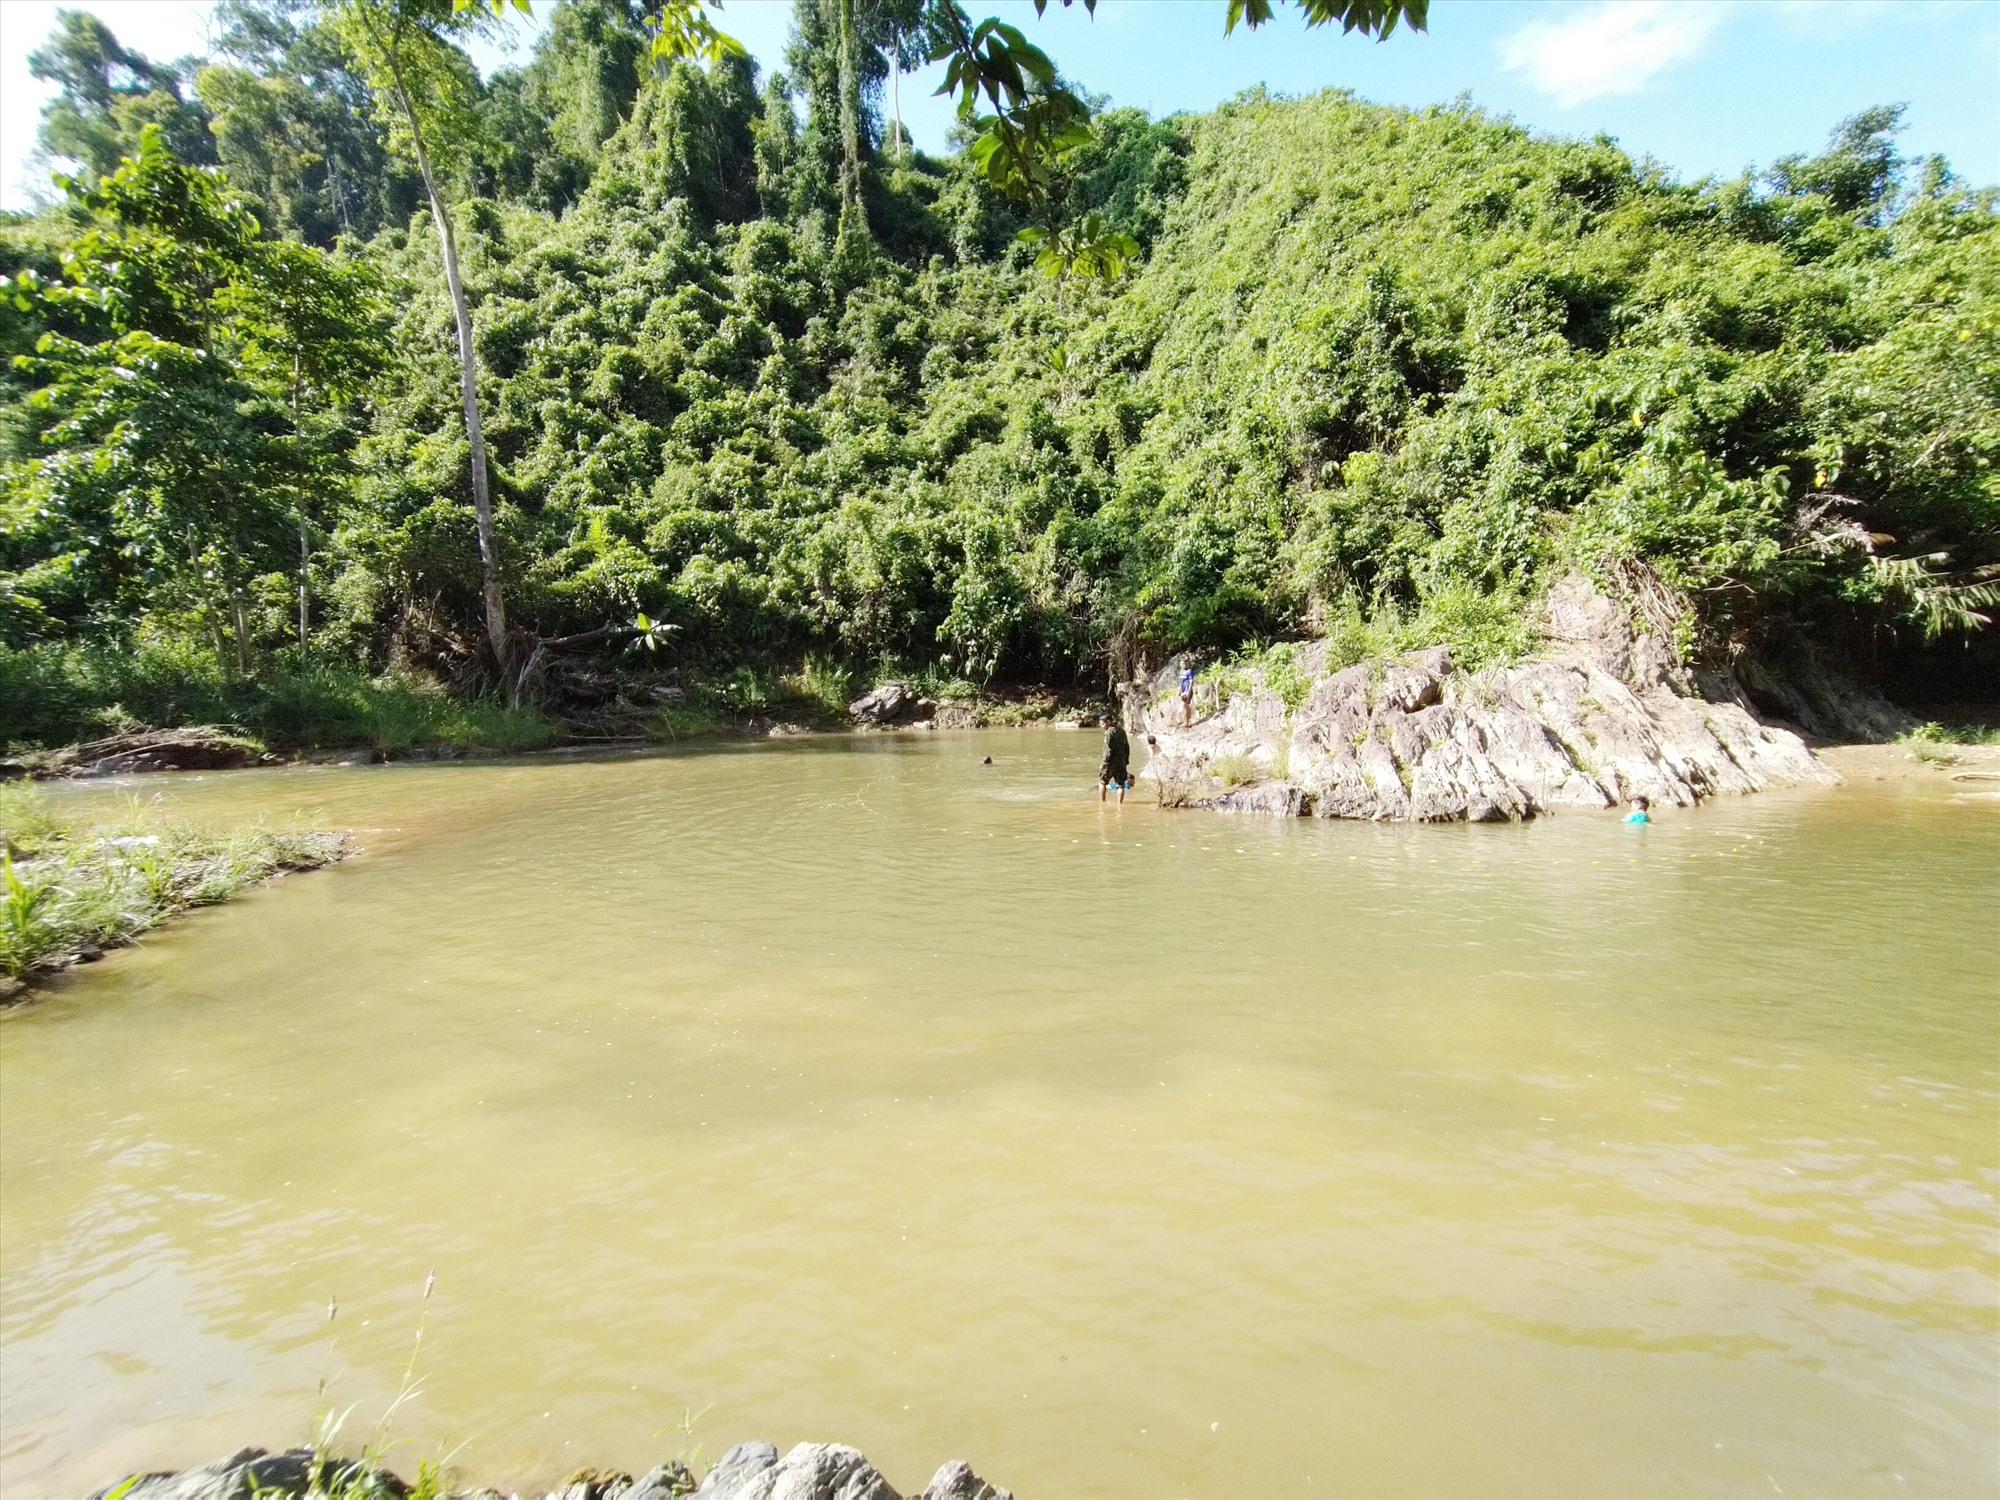 Sông Lăng vẫn còn nguyên sơ với những rừng lim xanh ngát trên đồi. Ảnh: Bhơriu Quân